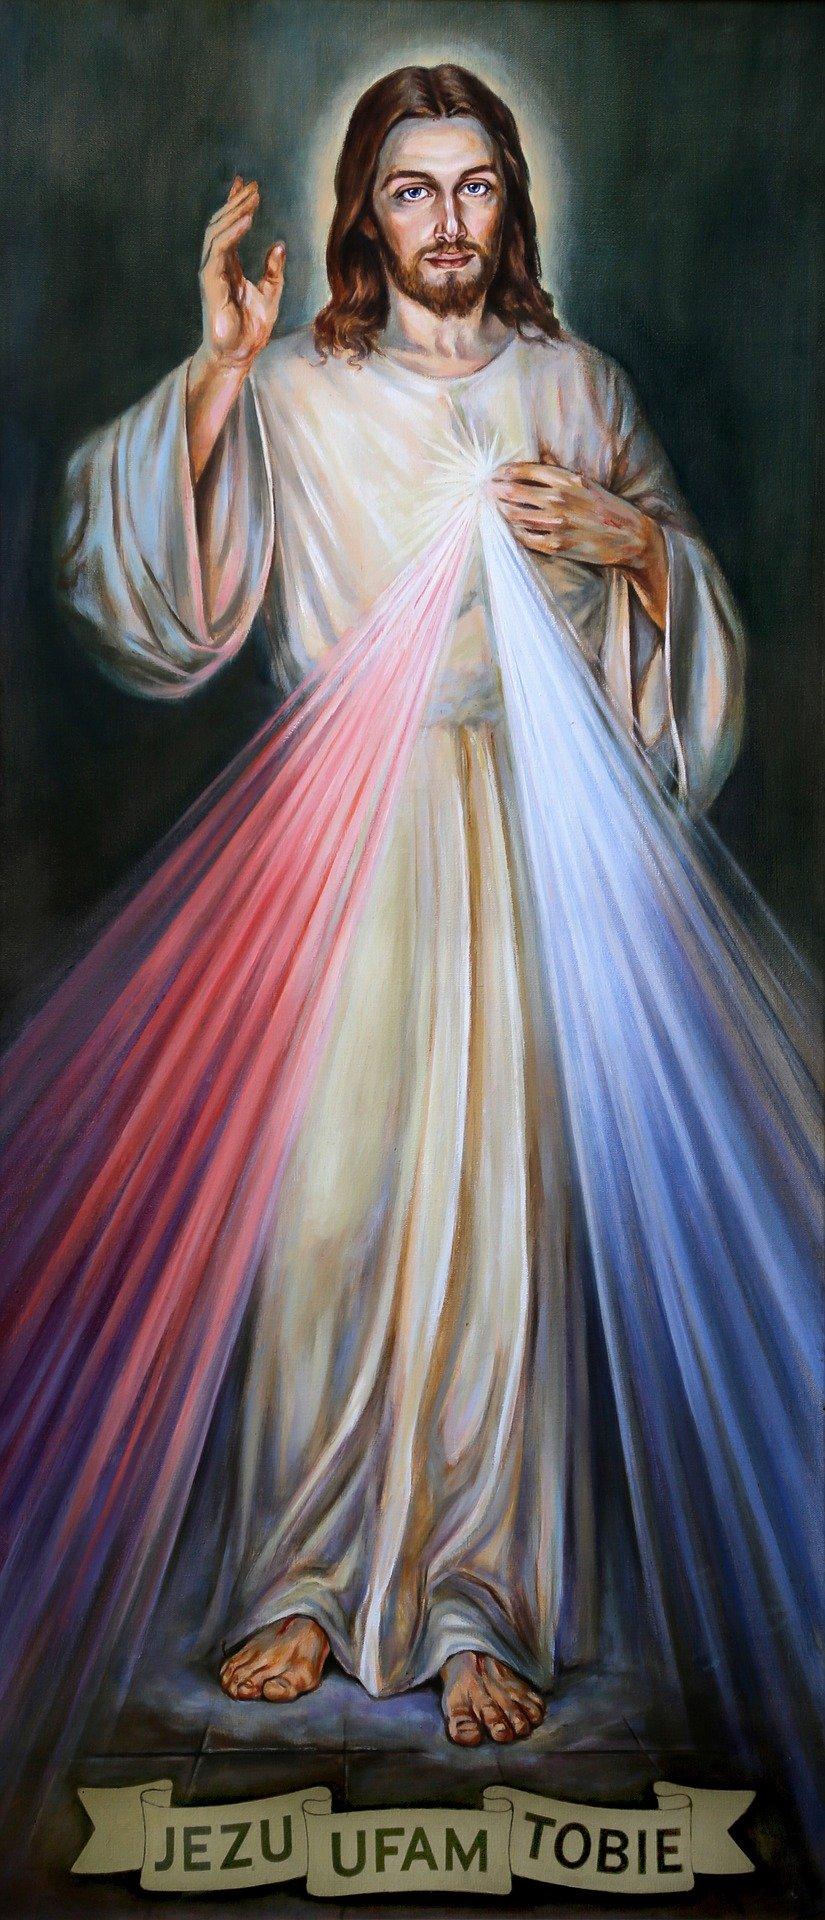 Příslib Ježíše pro neděli Božího Milosrdenství